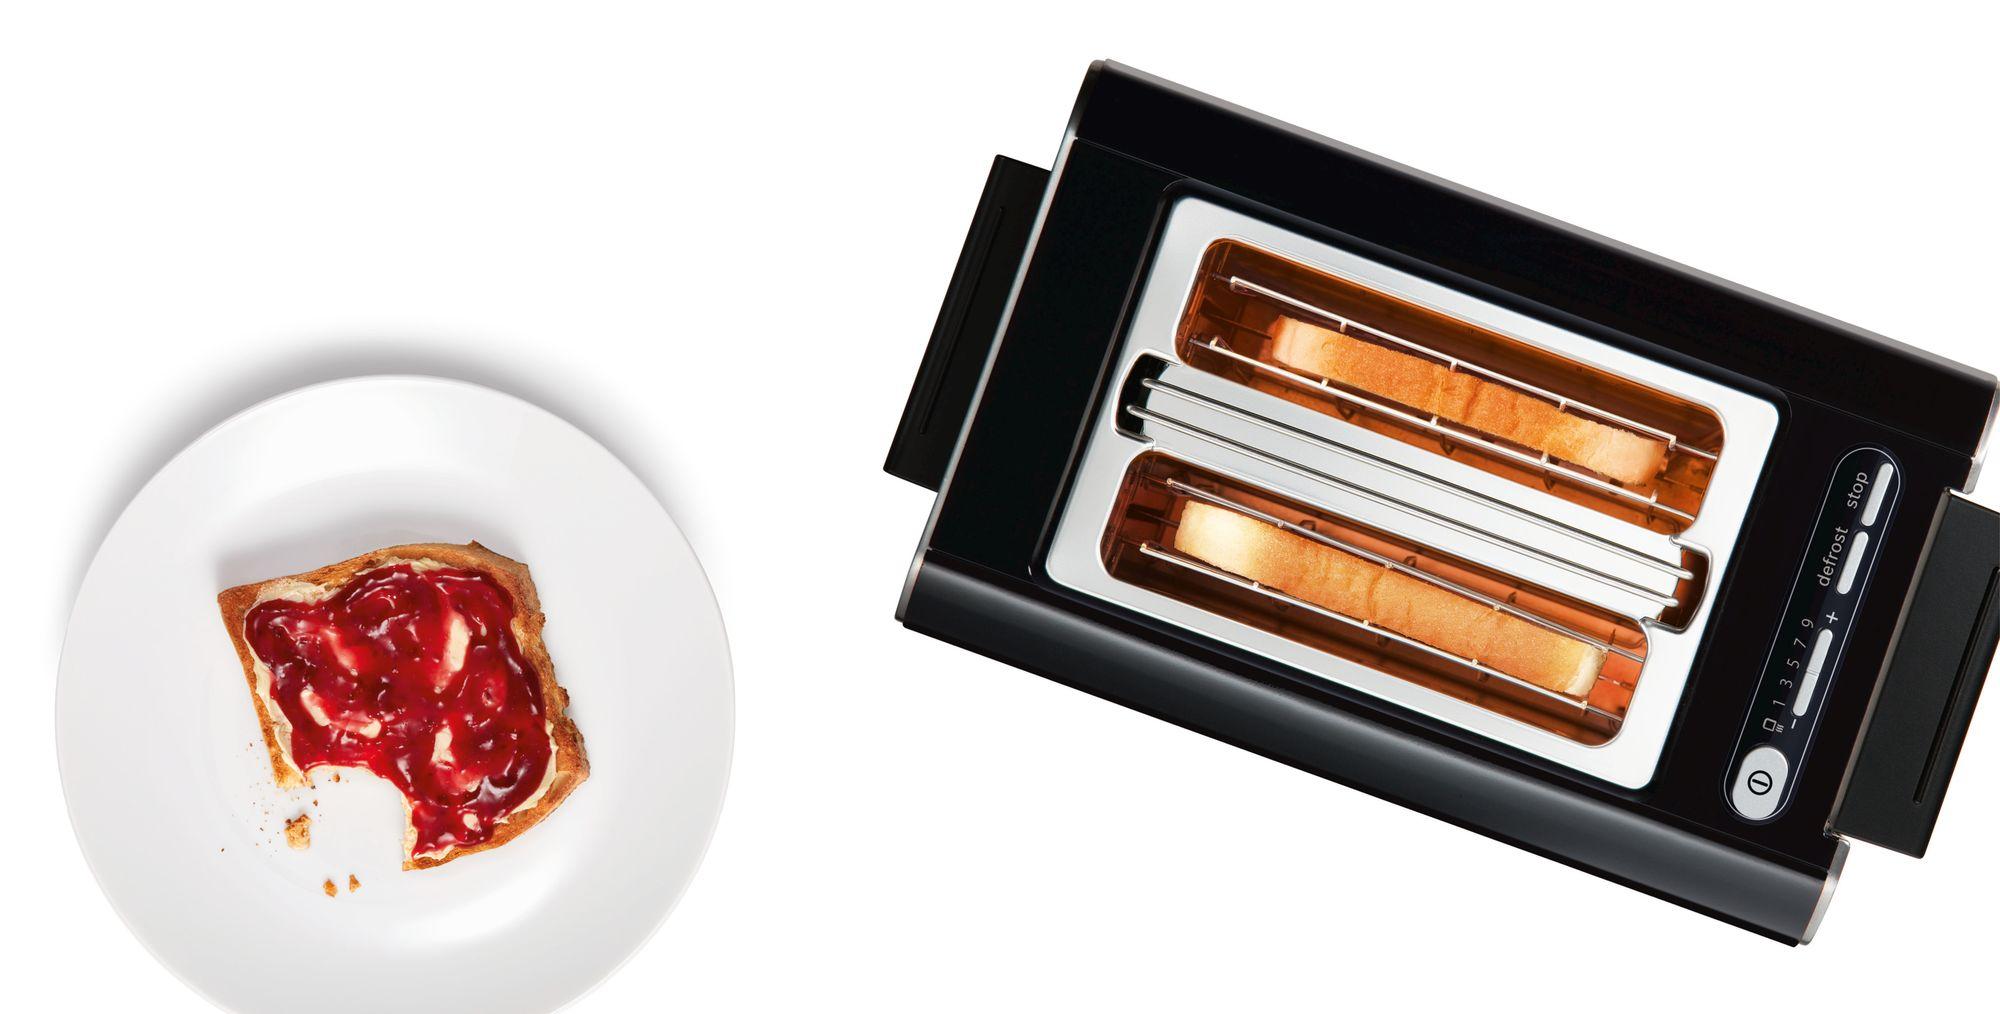 Styline Plemeniti čelik / plastično kućište, kompaktni toster 2/2, elektronski nerđajući čelik